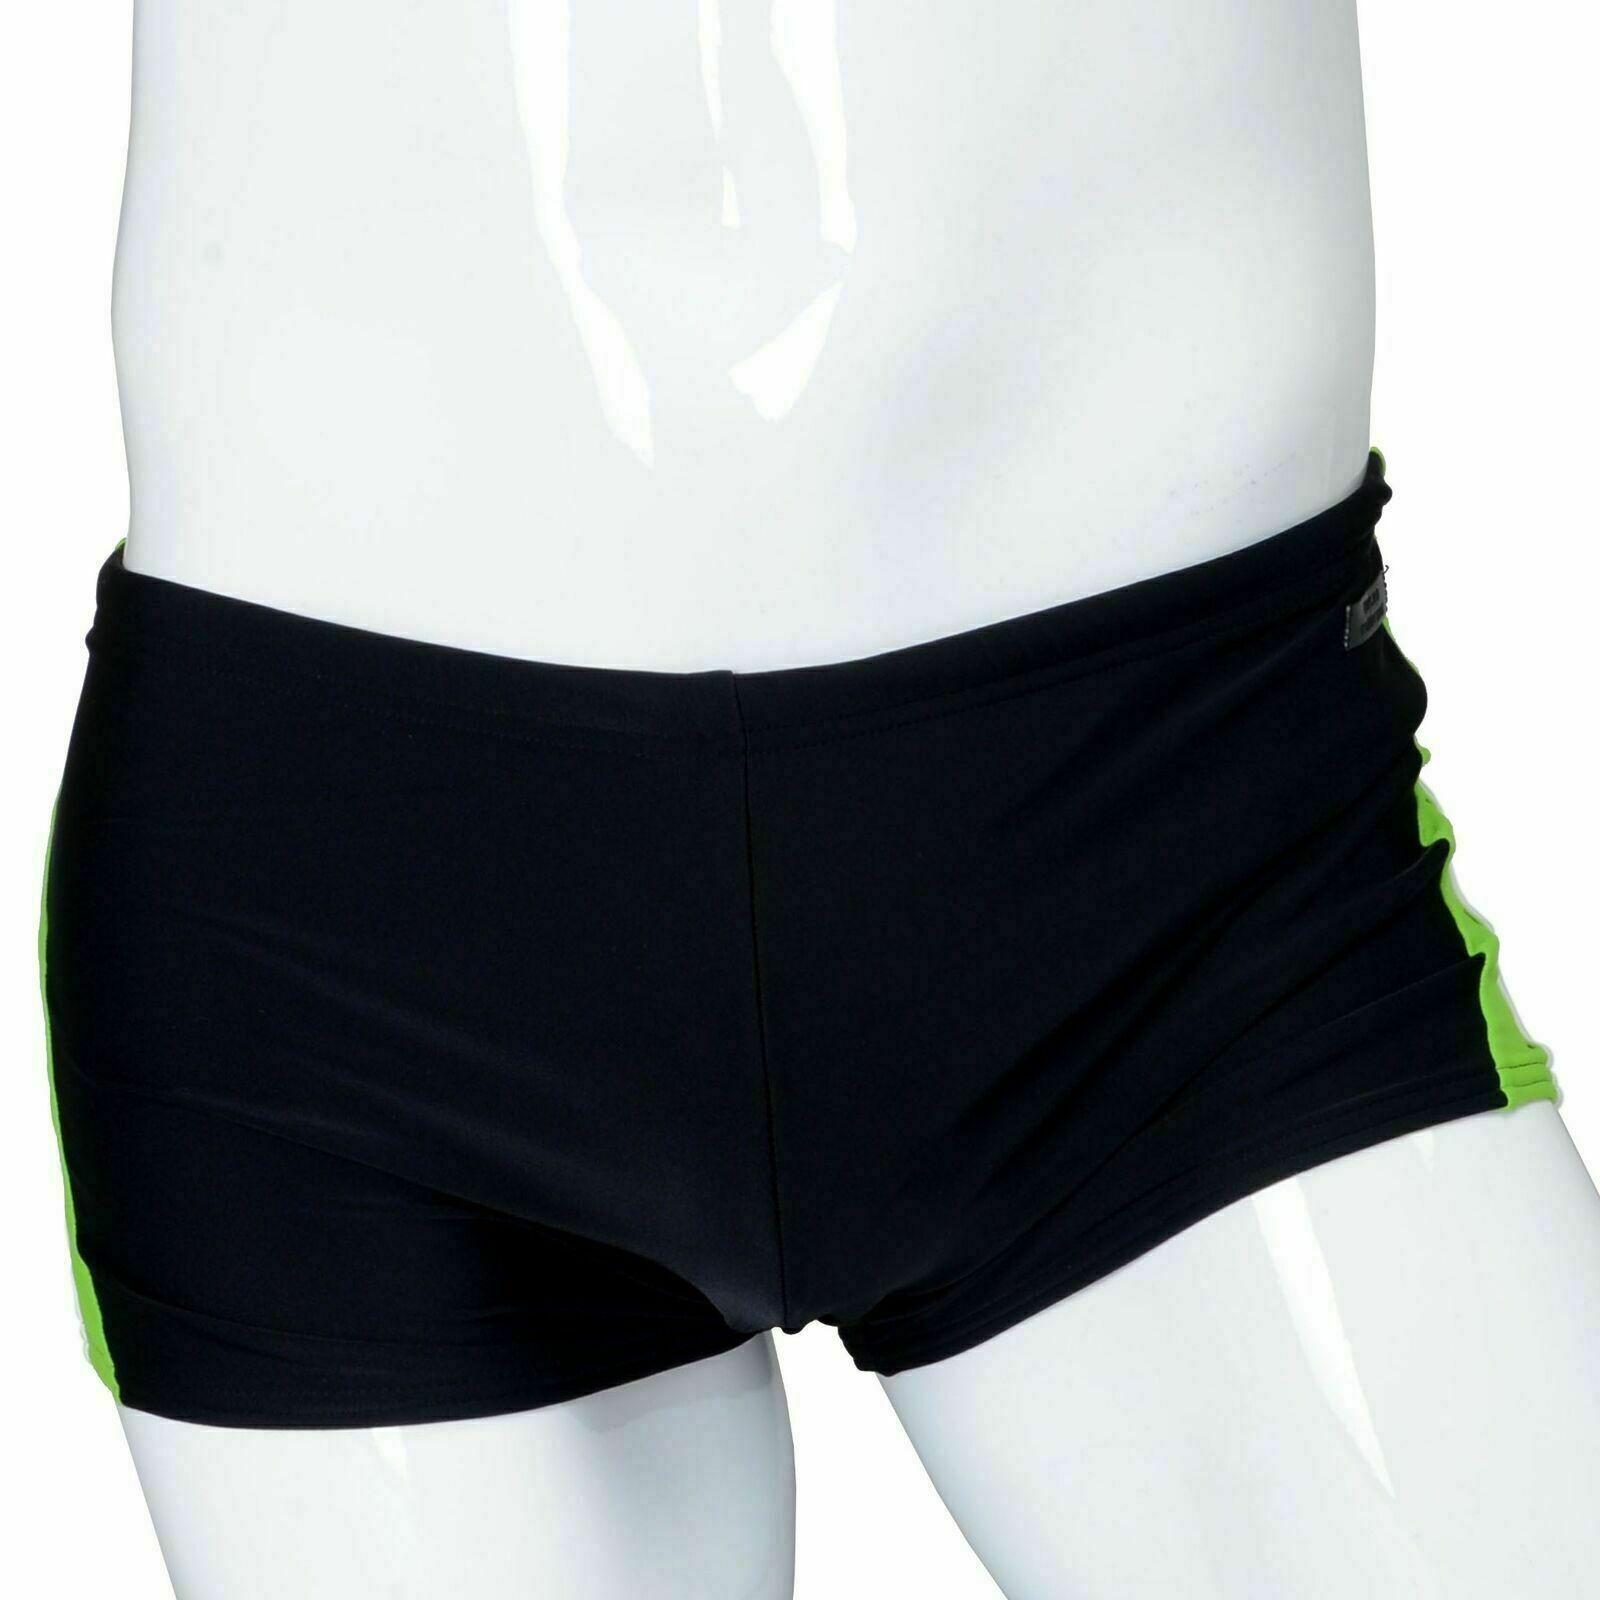 Versace Collection Multi-color Drawstring Men's Swim Briefs Sz M